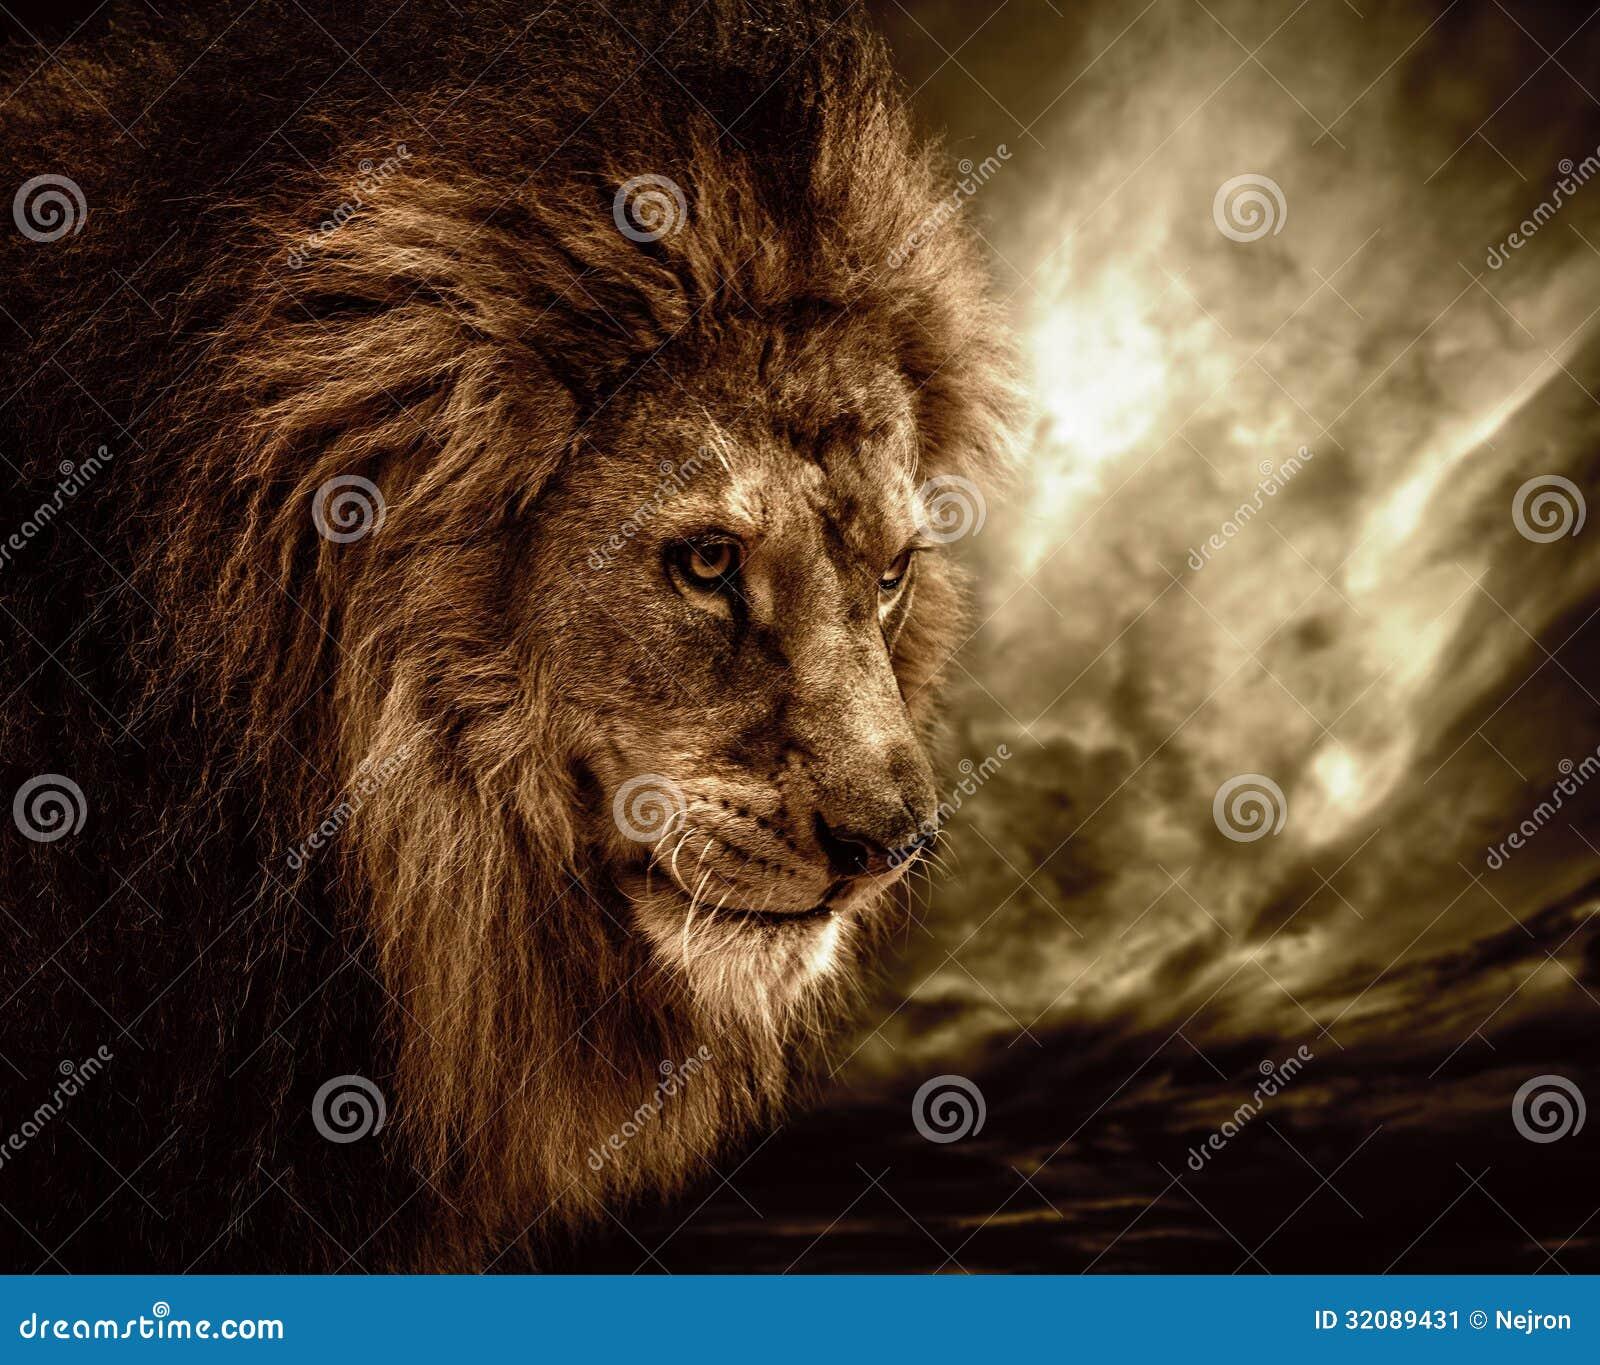 Löwe in den wild lebenden Tieren